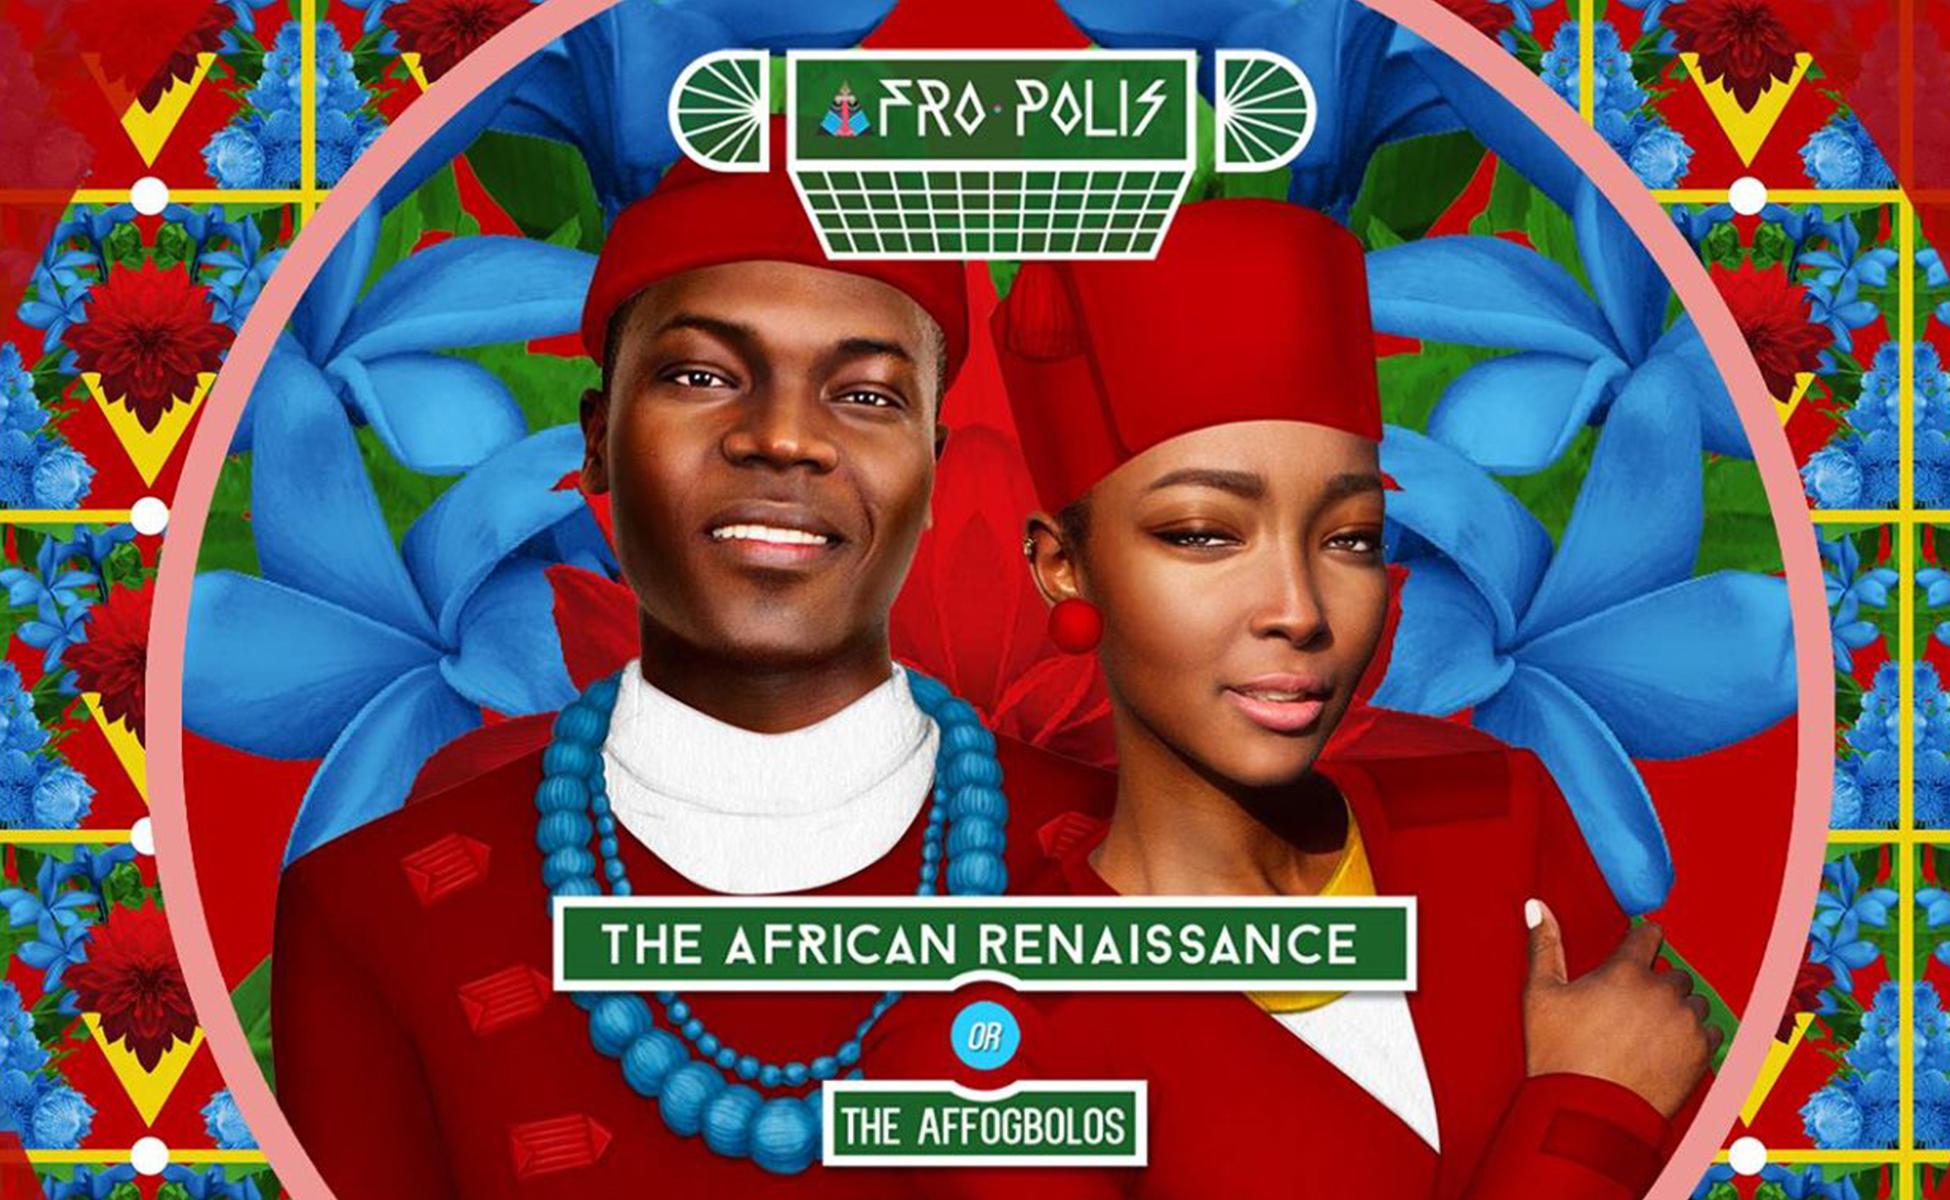 GraphiqueC'est L'afrique GraphiqueC'est Chic GraphiqueC'est L'afrique Chic L'afrique qpSMUVz